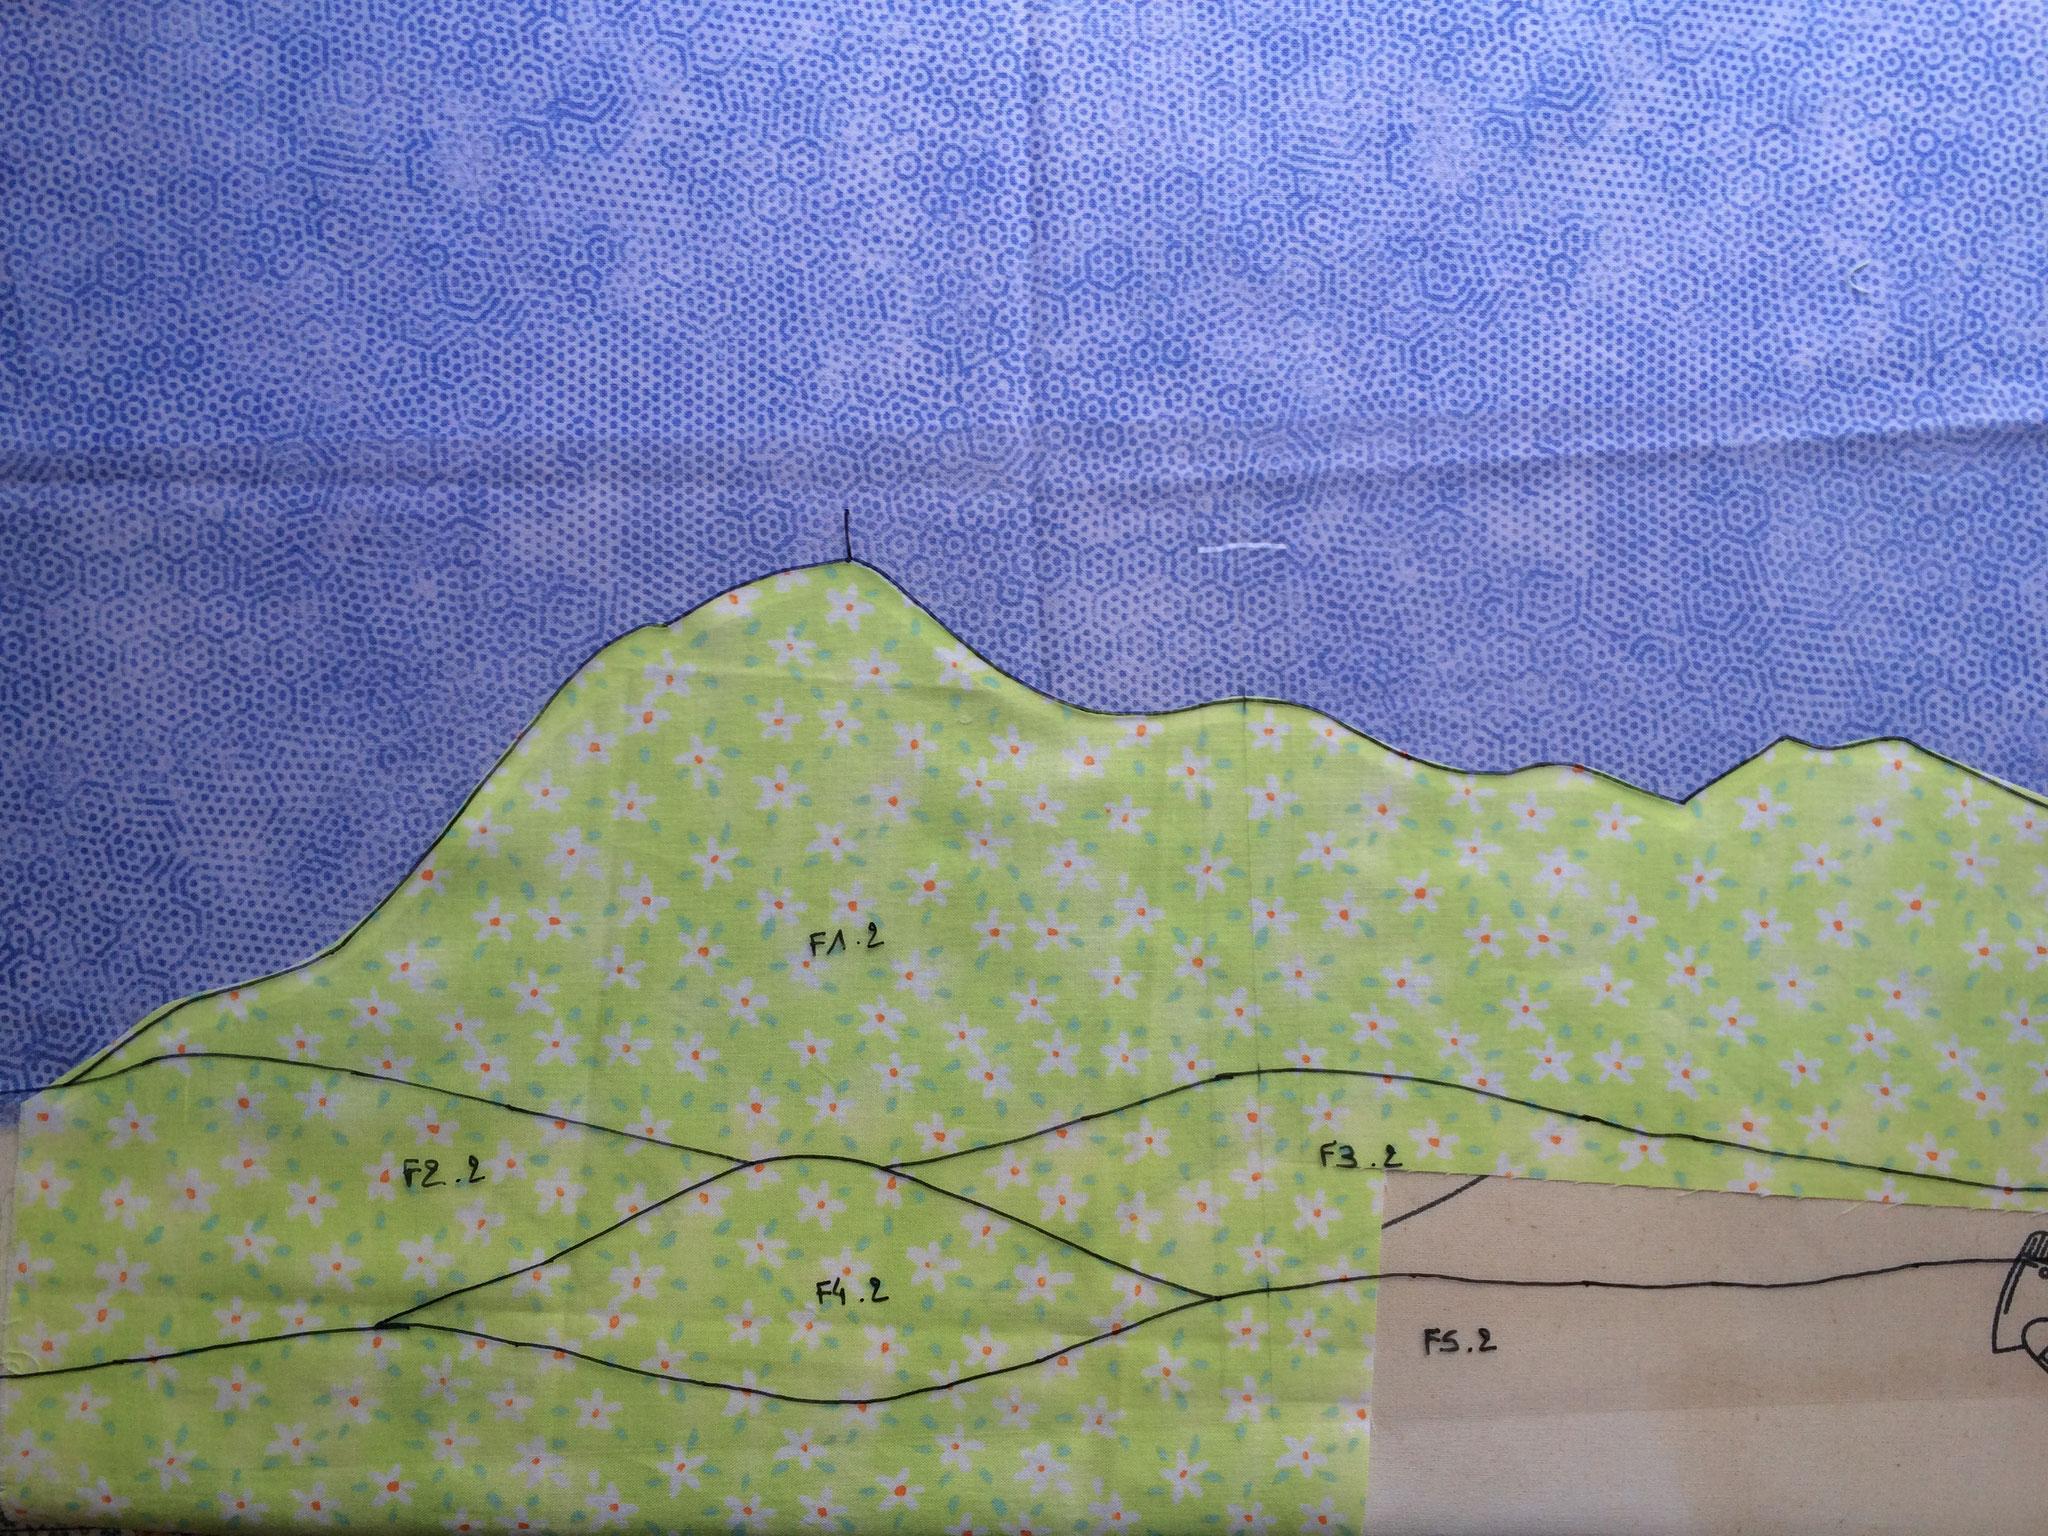 Découpage des formes après utilisation de thermocollant.